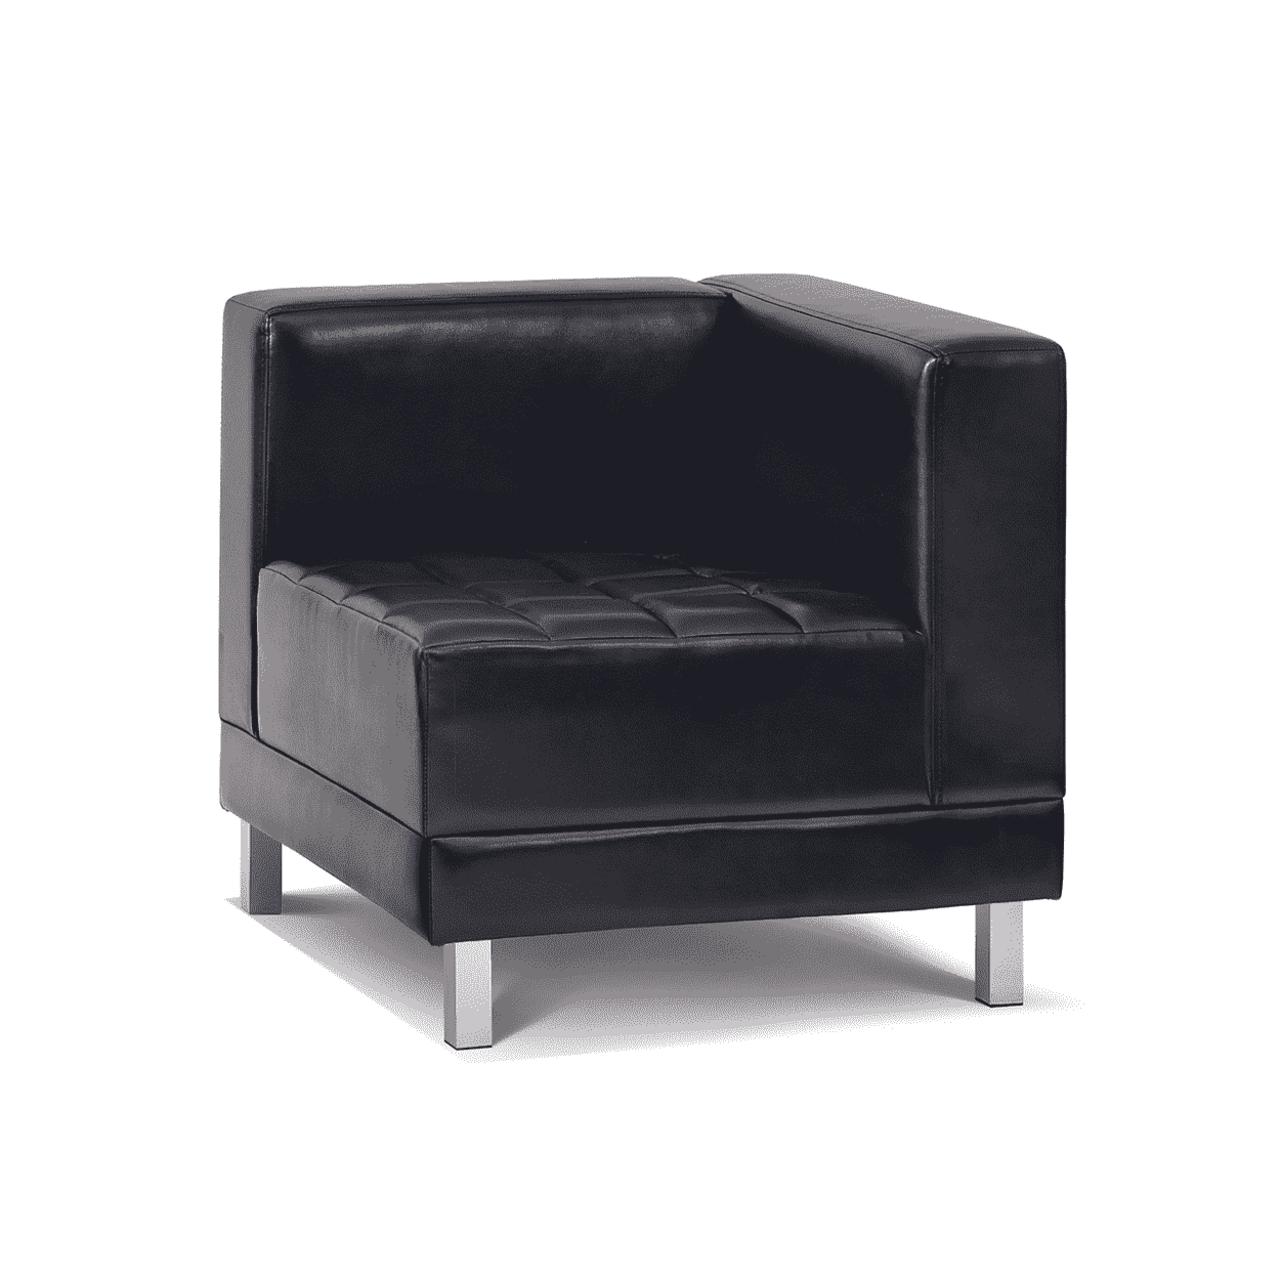 Мягкая офисная мебель Магистр - фото 2